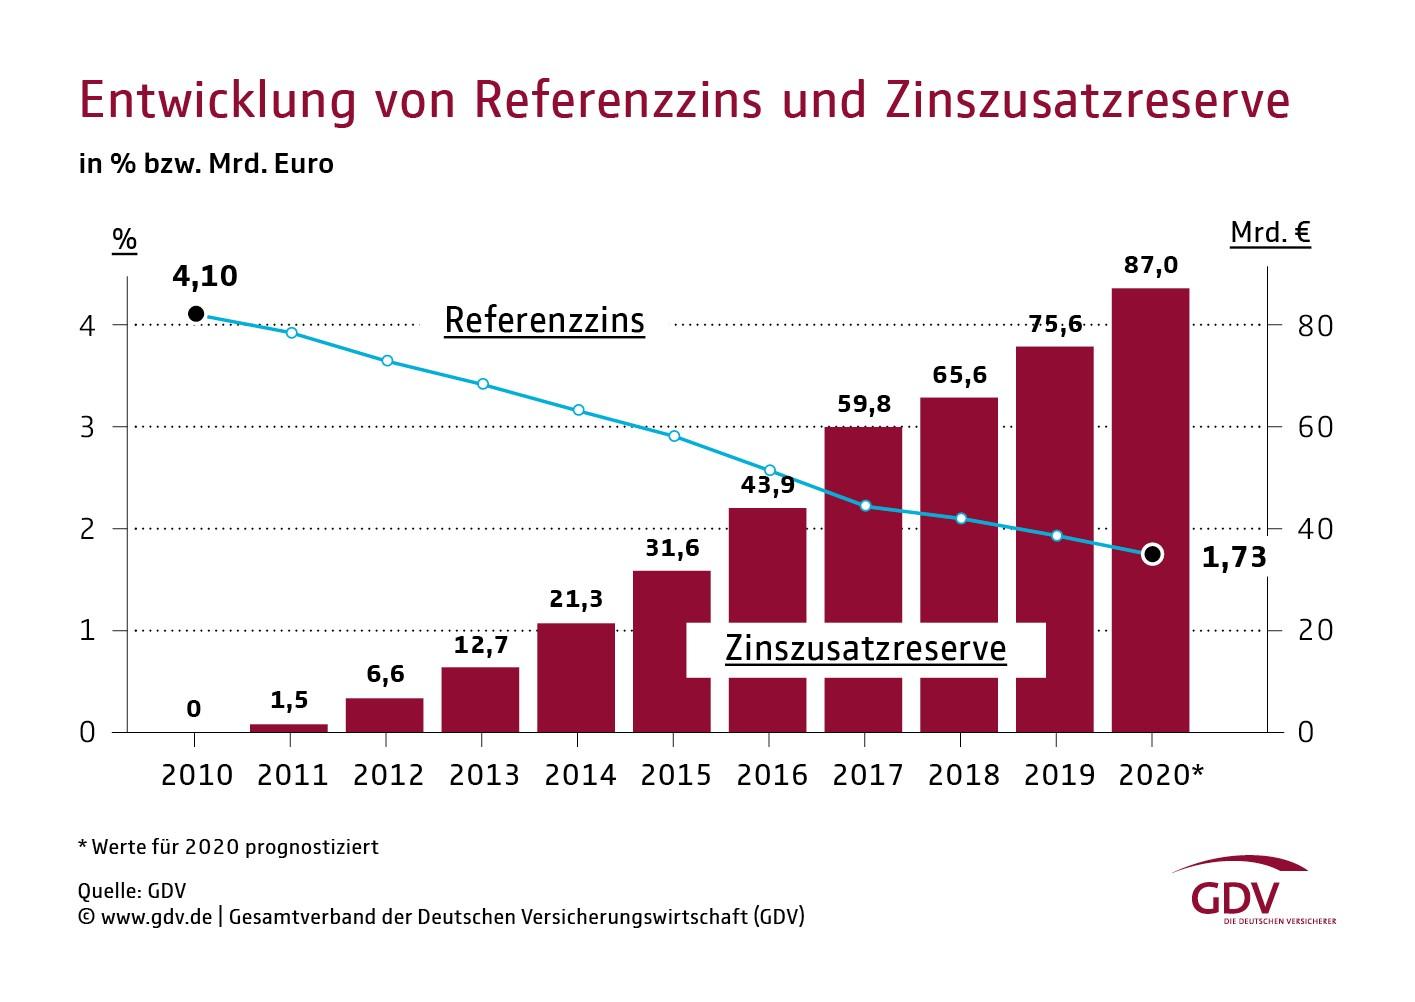 Entwicklung von Referenzzins und Zinszusatzreserve